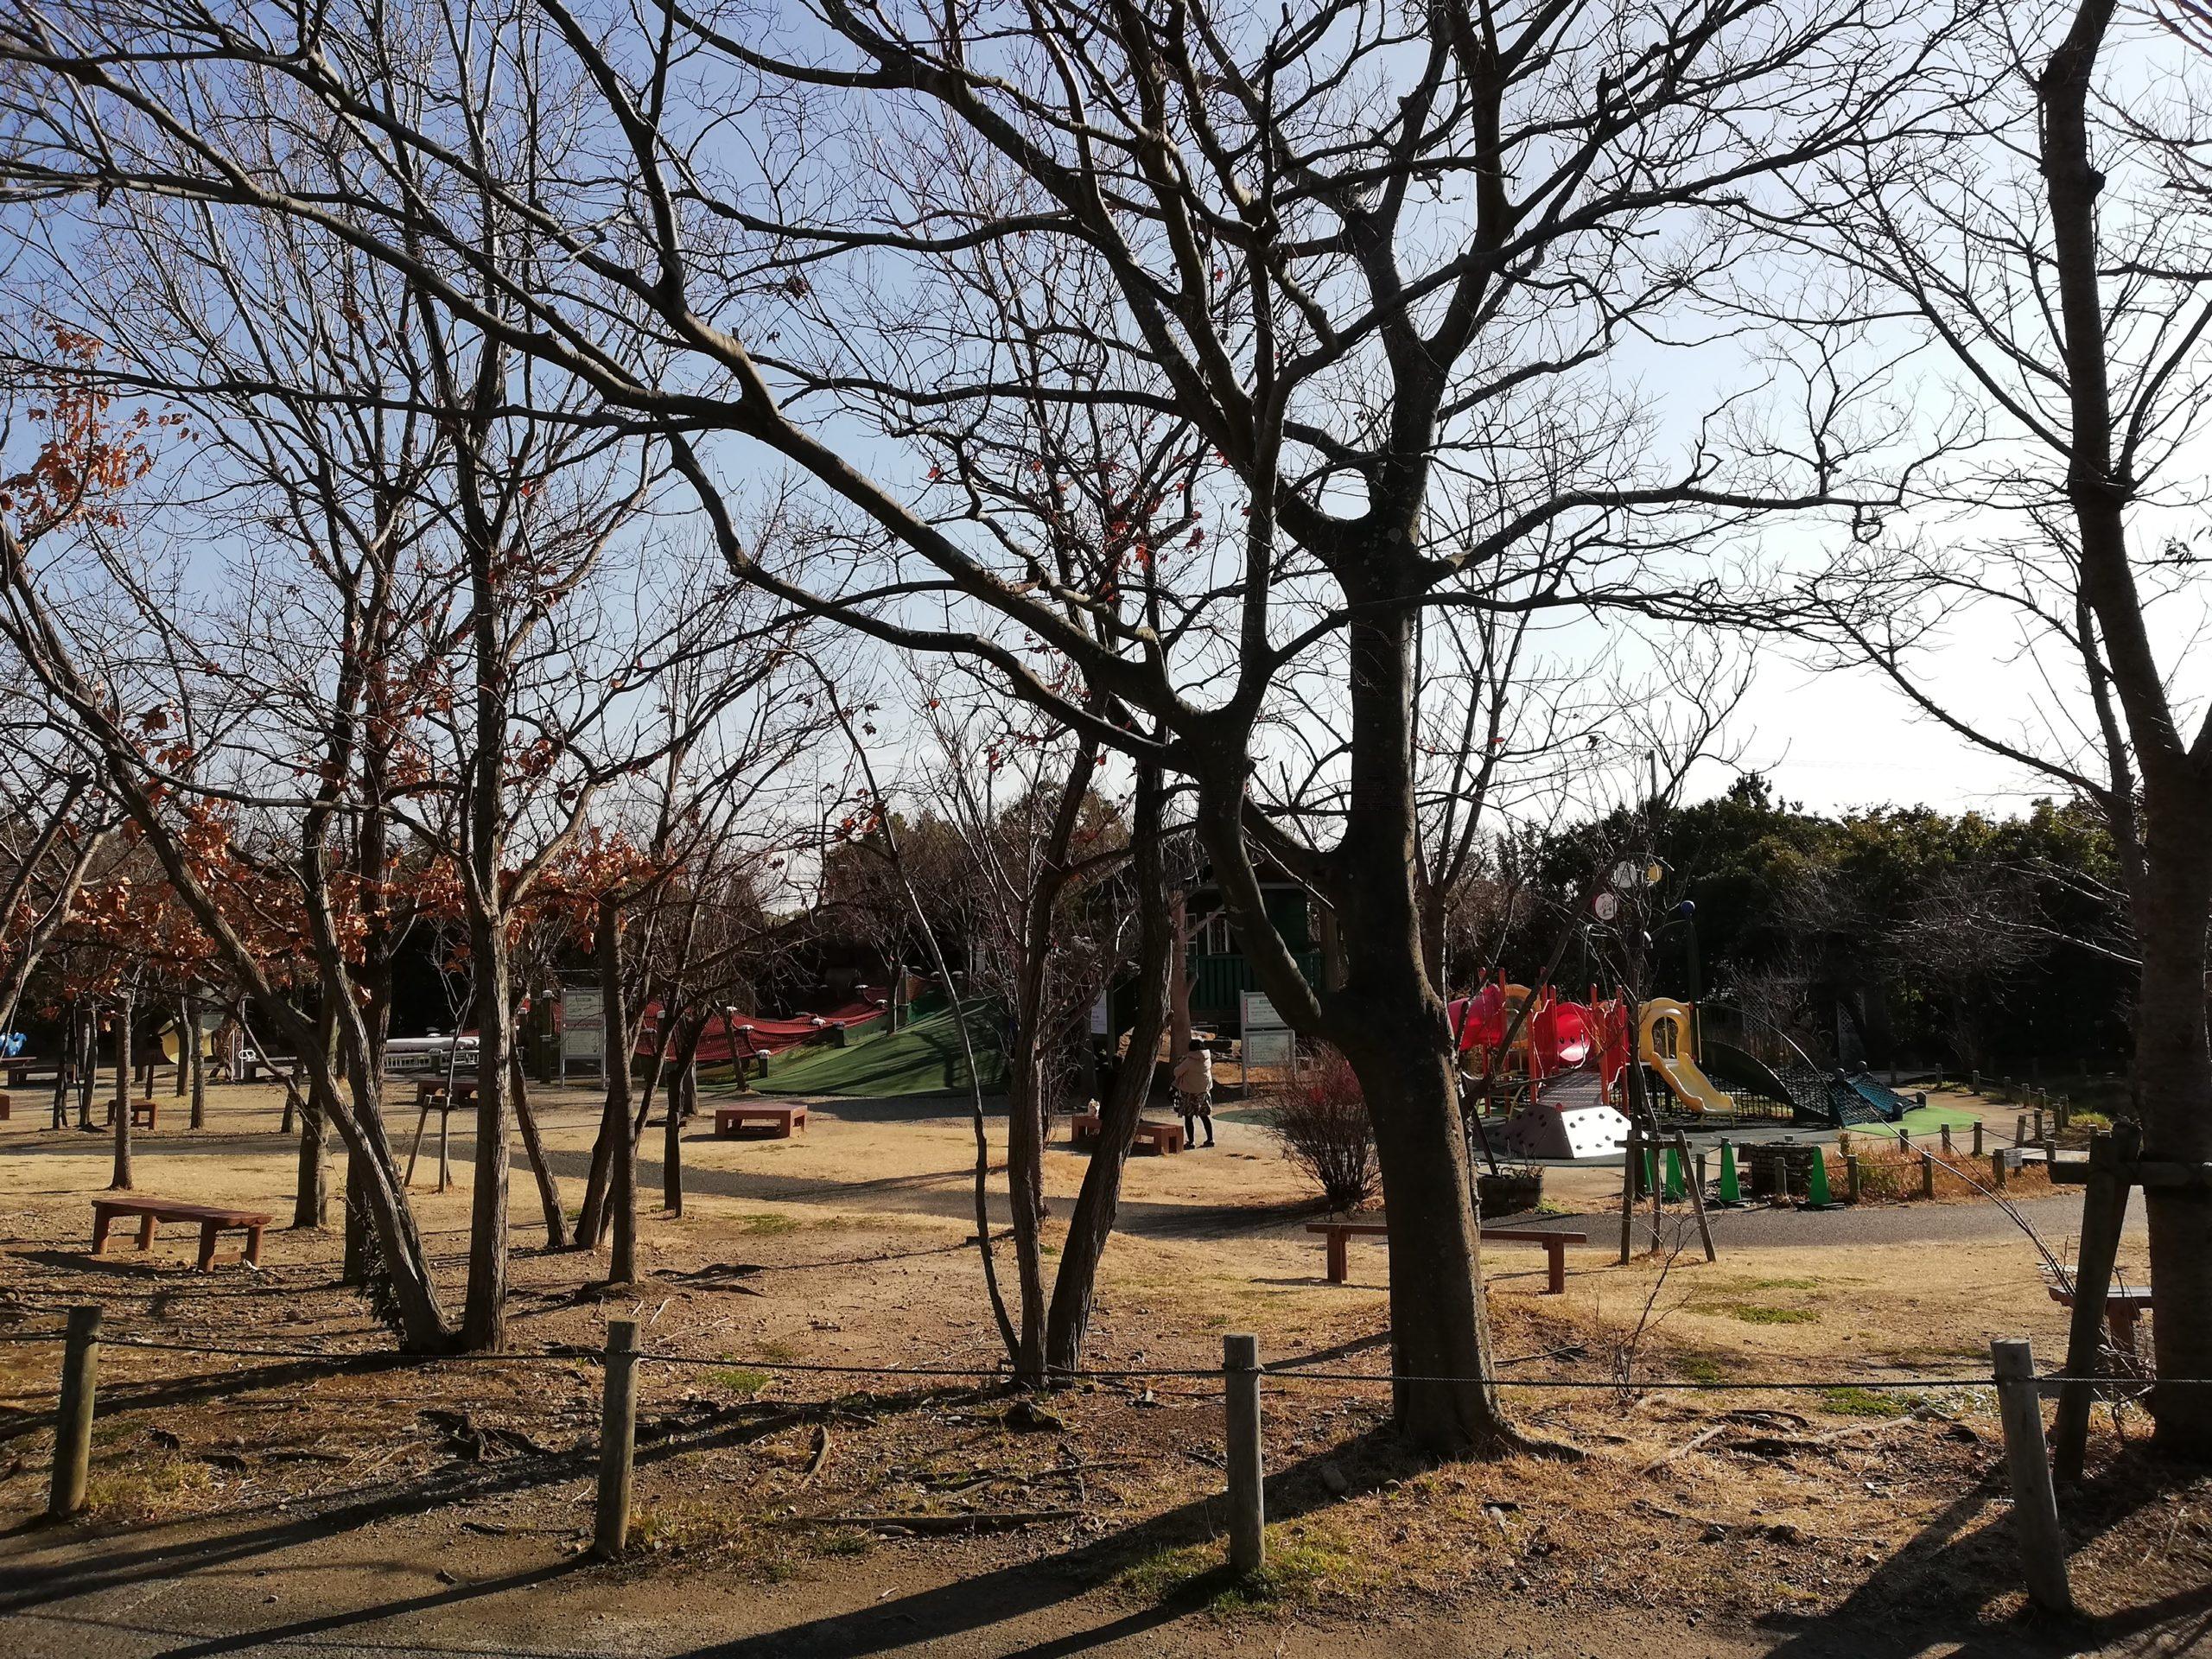 静岡県内でペットと遊ぶ 静岡県浜松市 浜名湖ガーデンパーク 公園